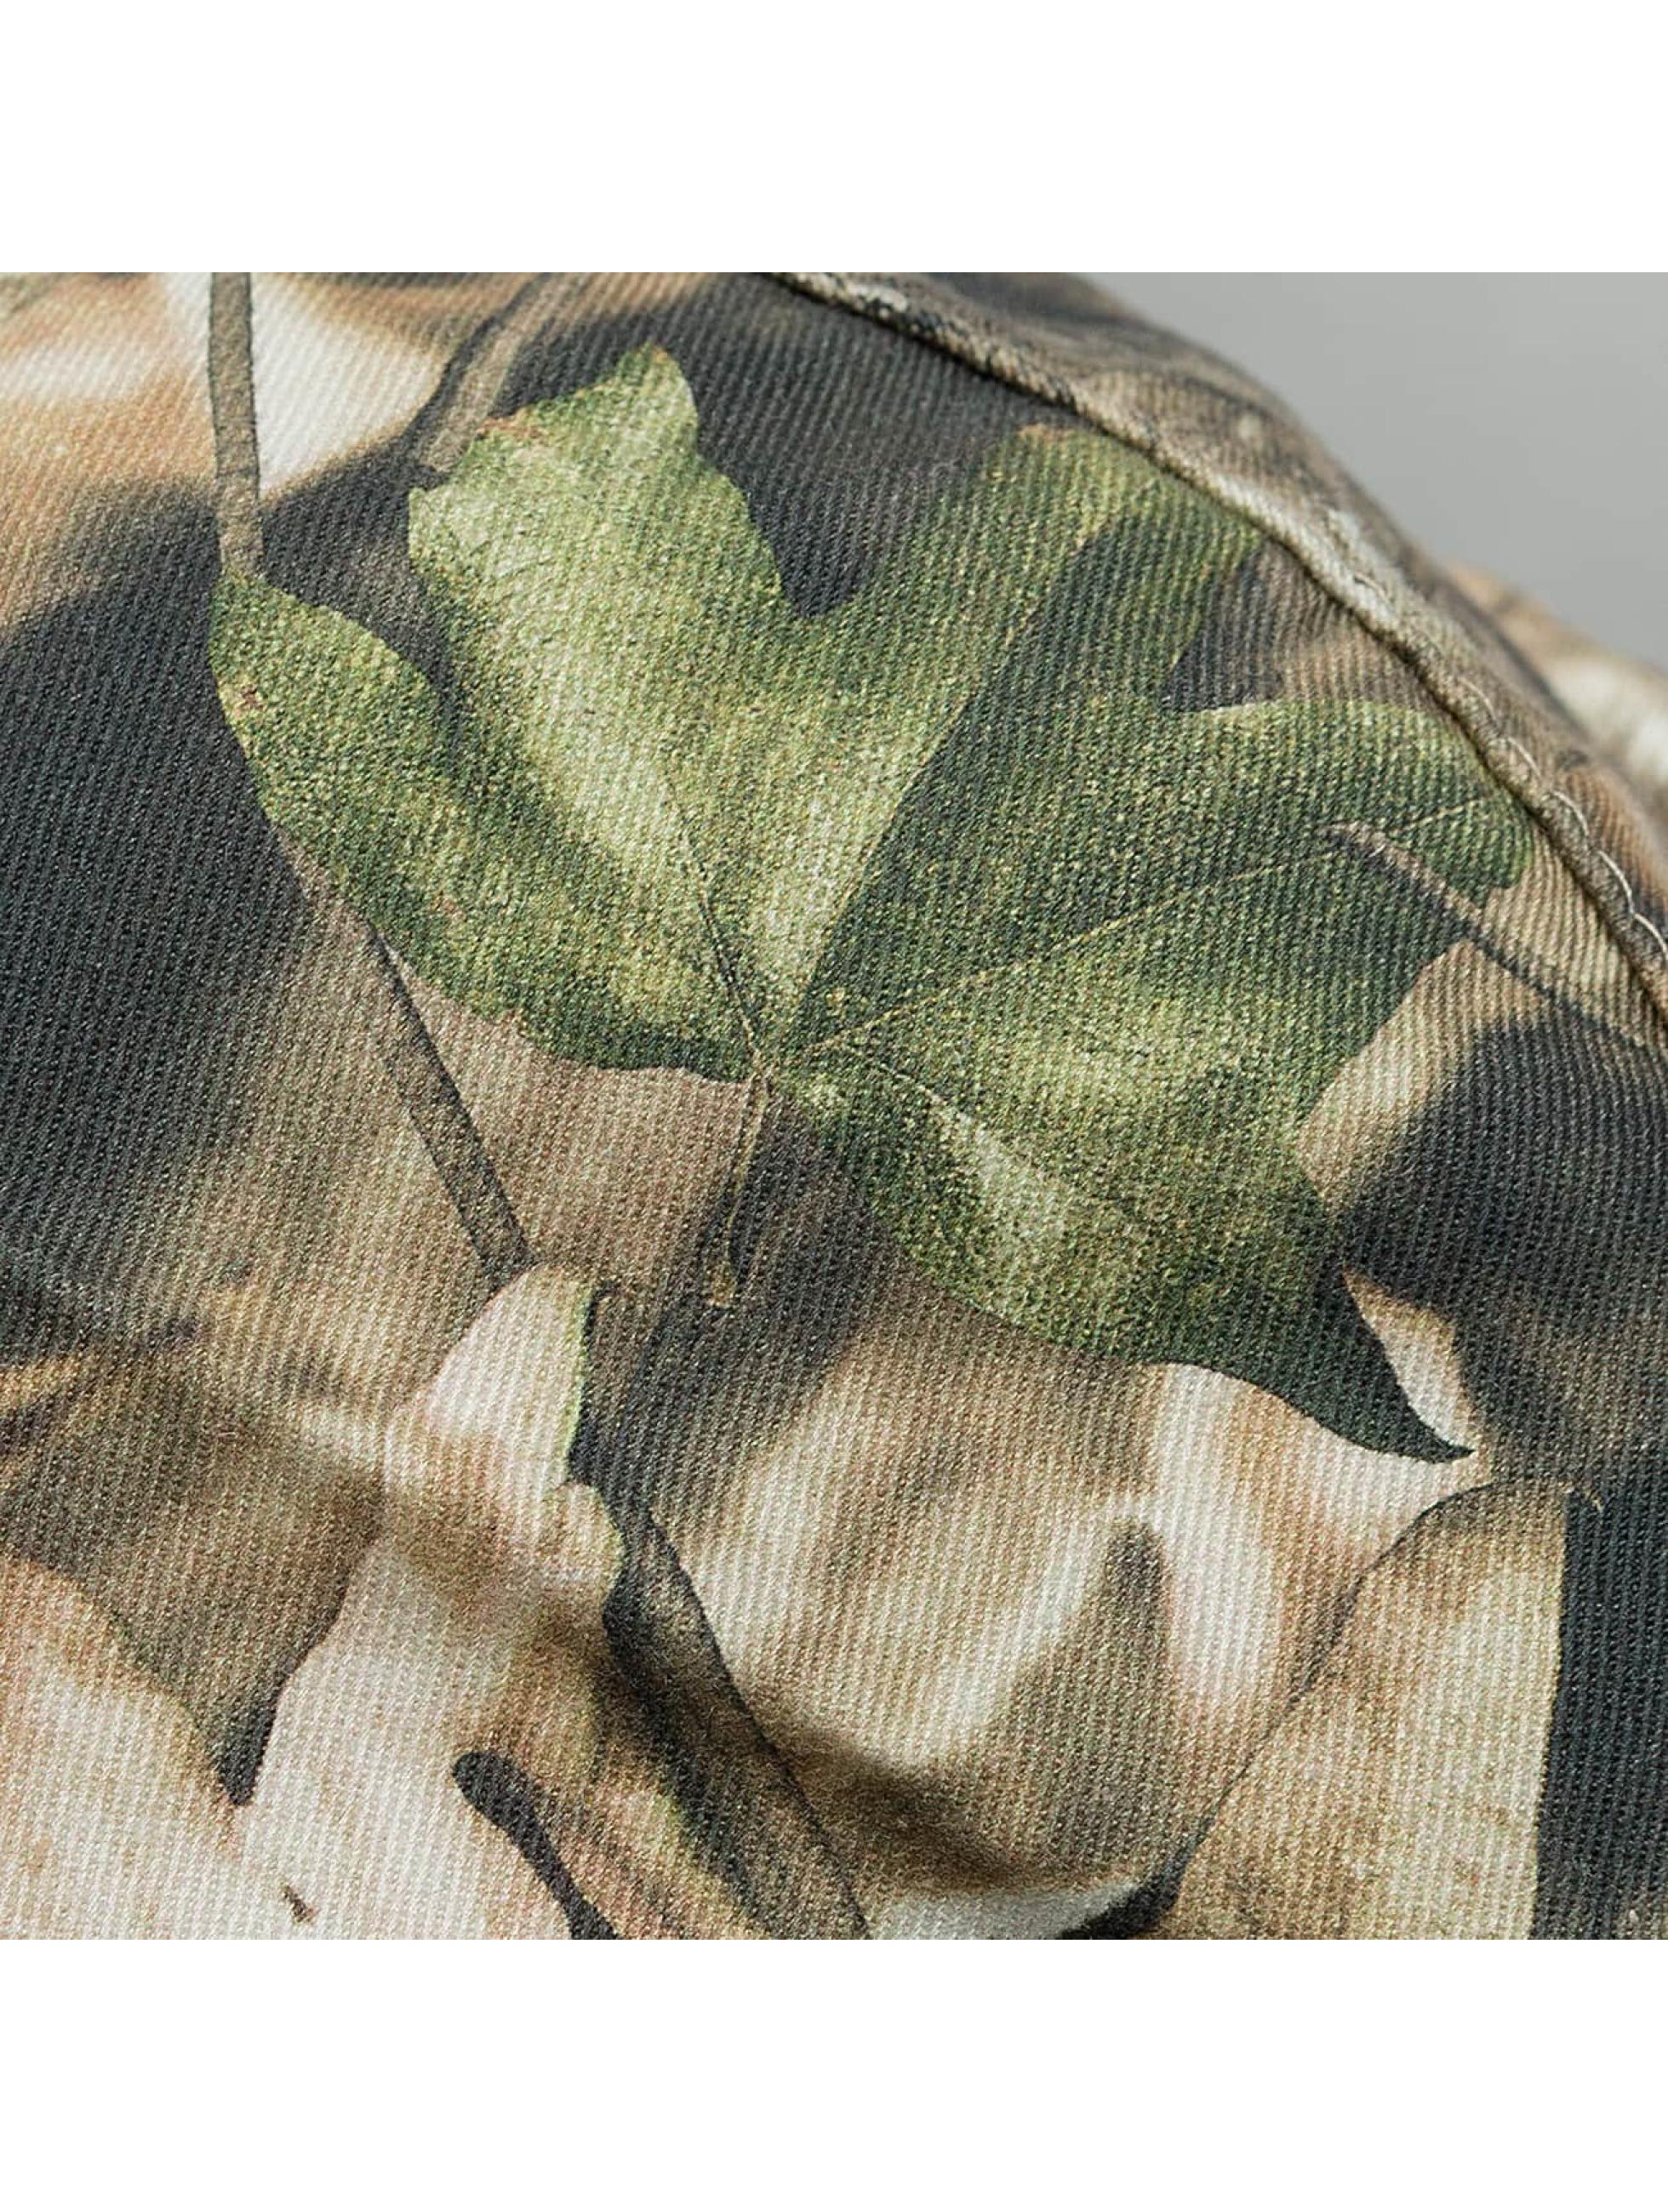 Decky USA Klobúky Relaxed Hybricam maskáèová